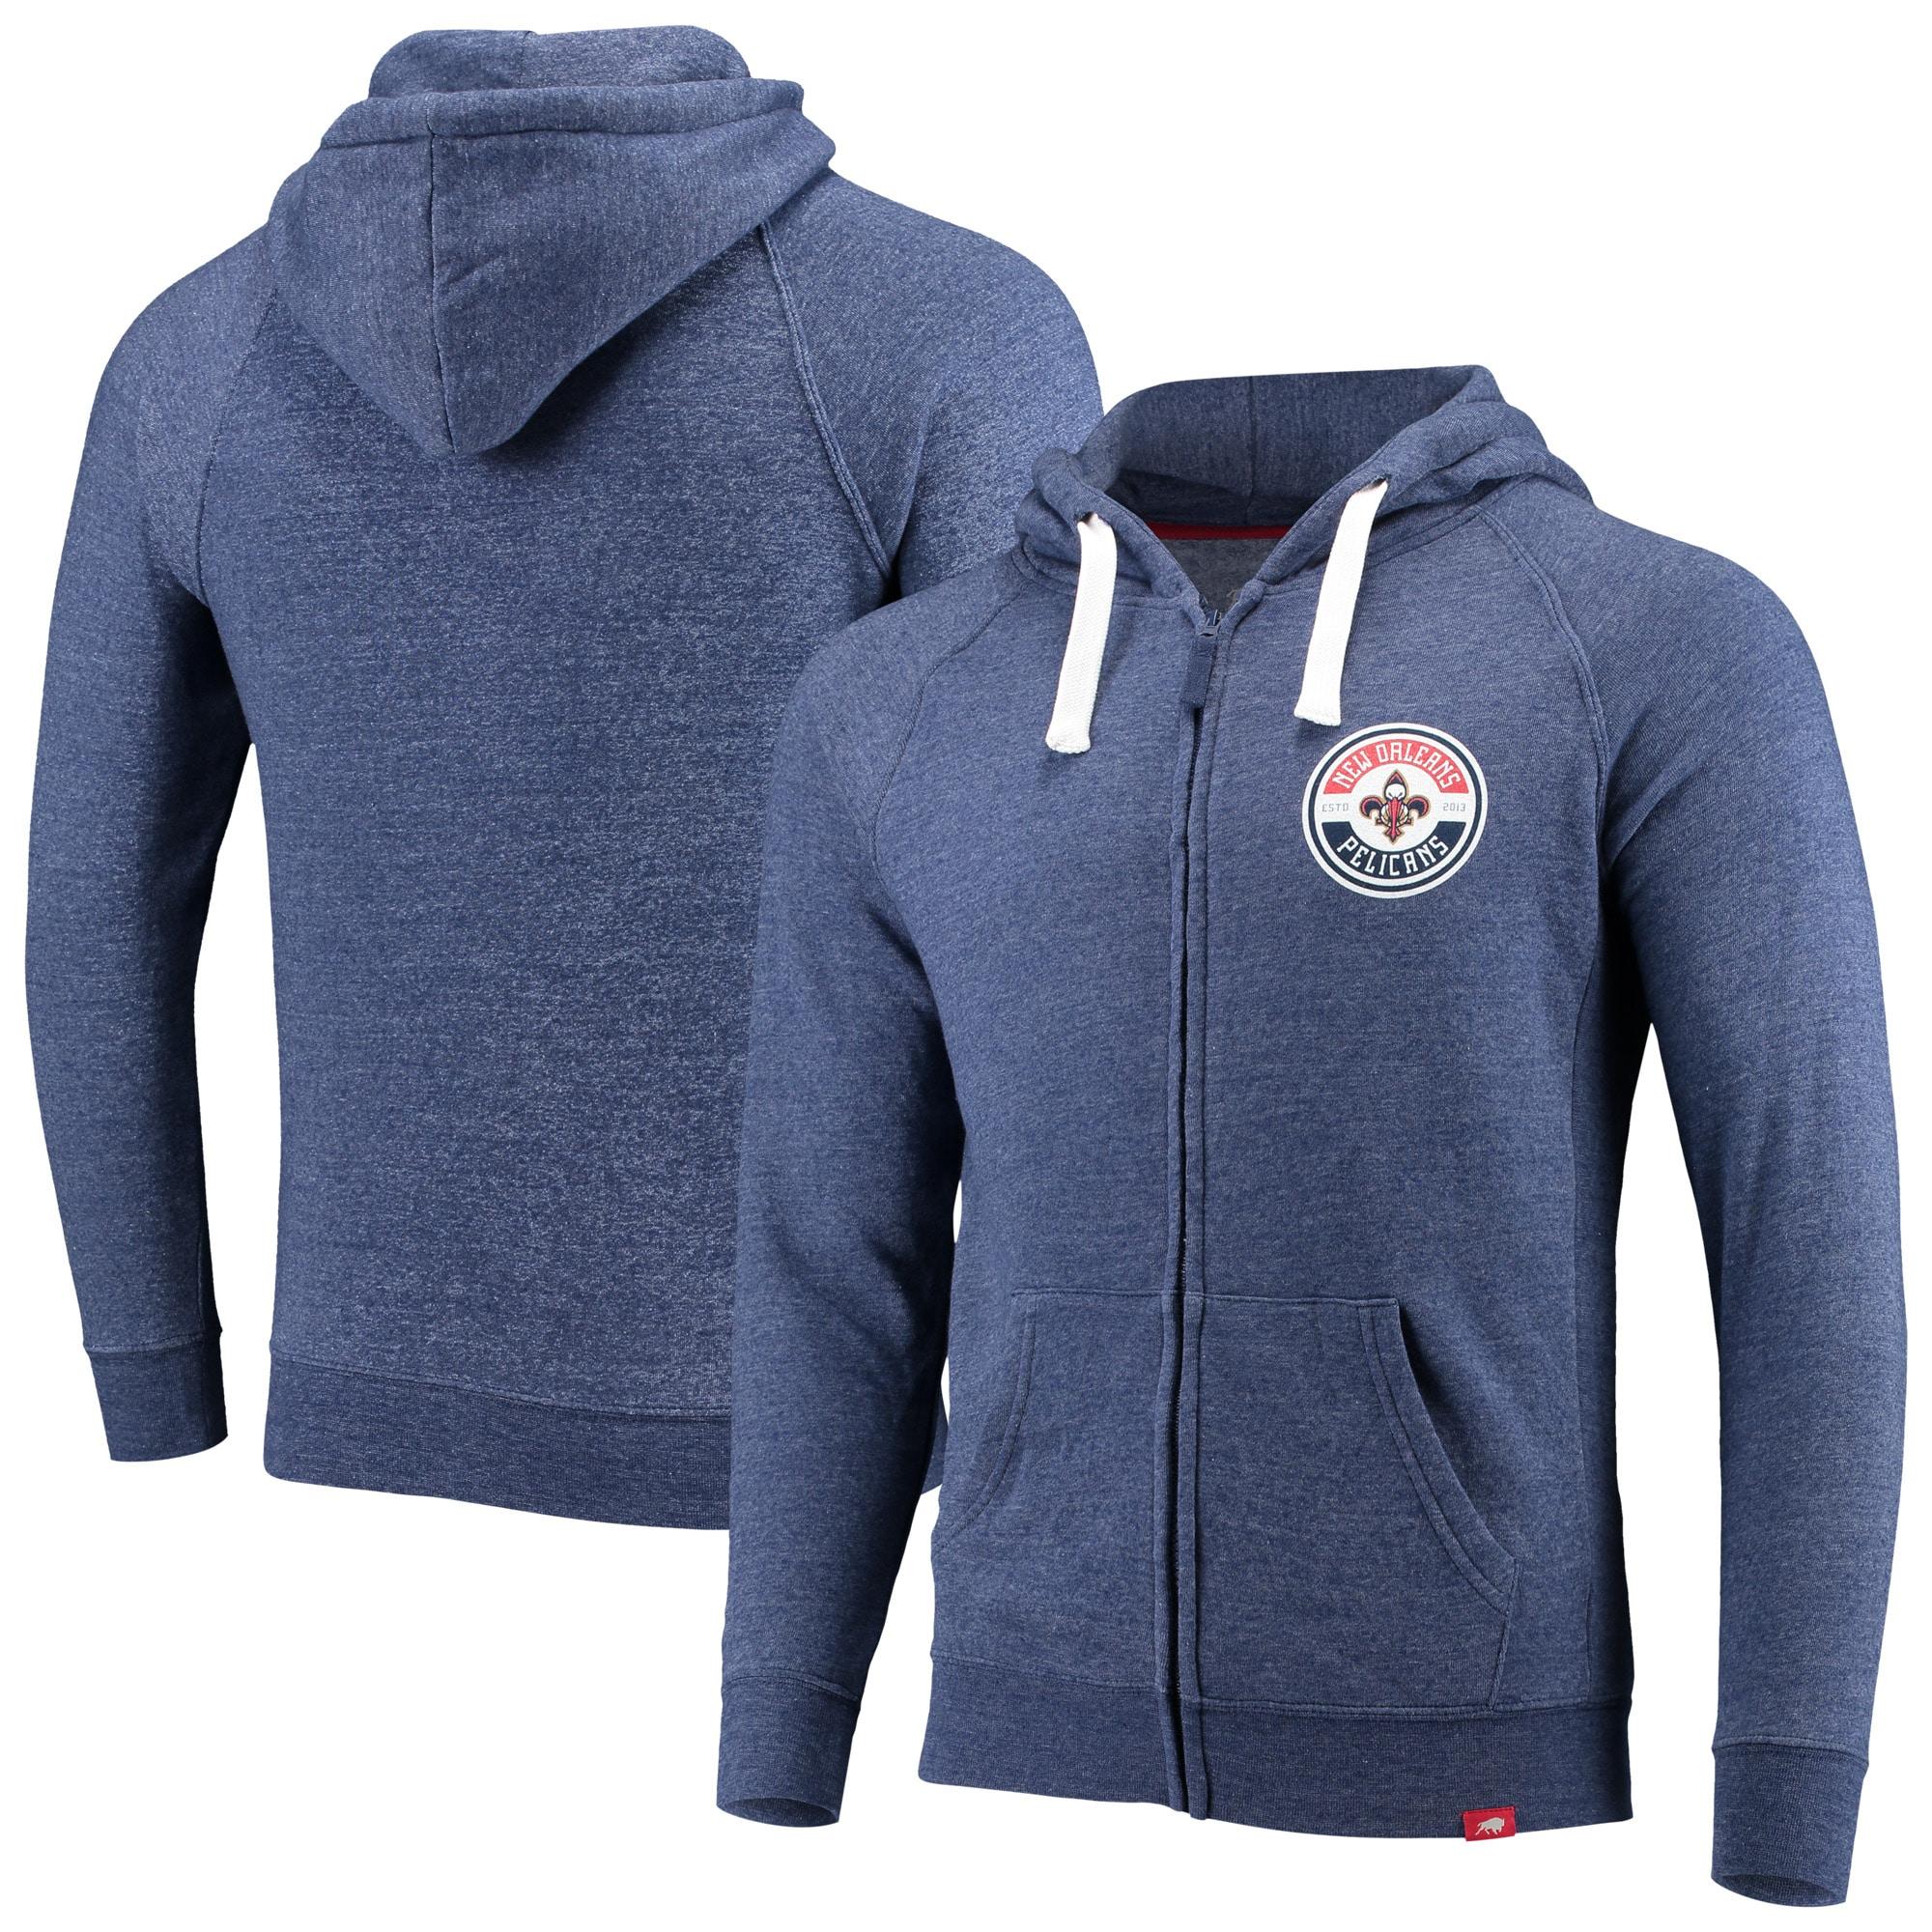 New Orleans Pelicans Sportiqe Heywood Comfort Tri-Blend Full-Zip Hoodie - Navy